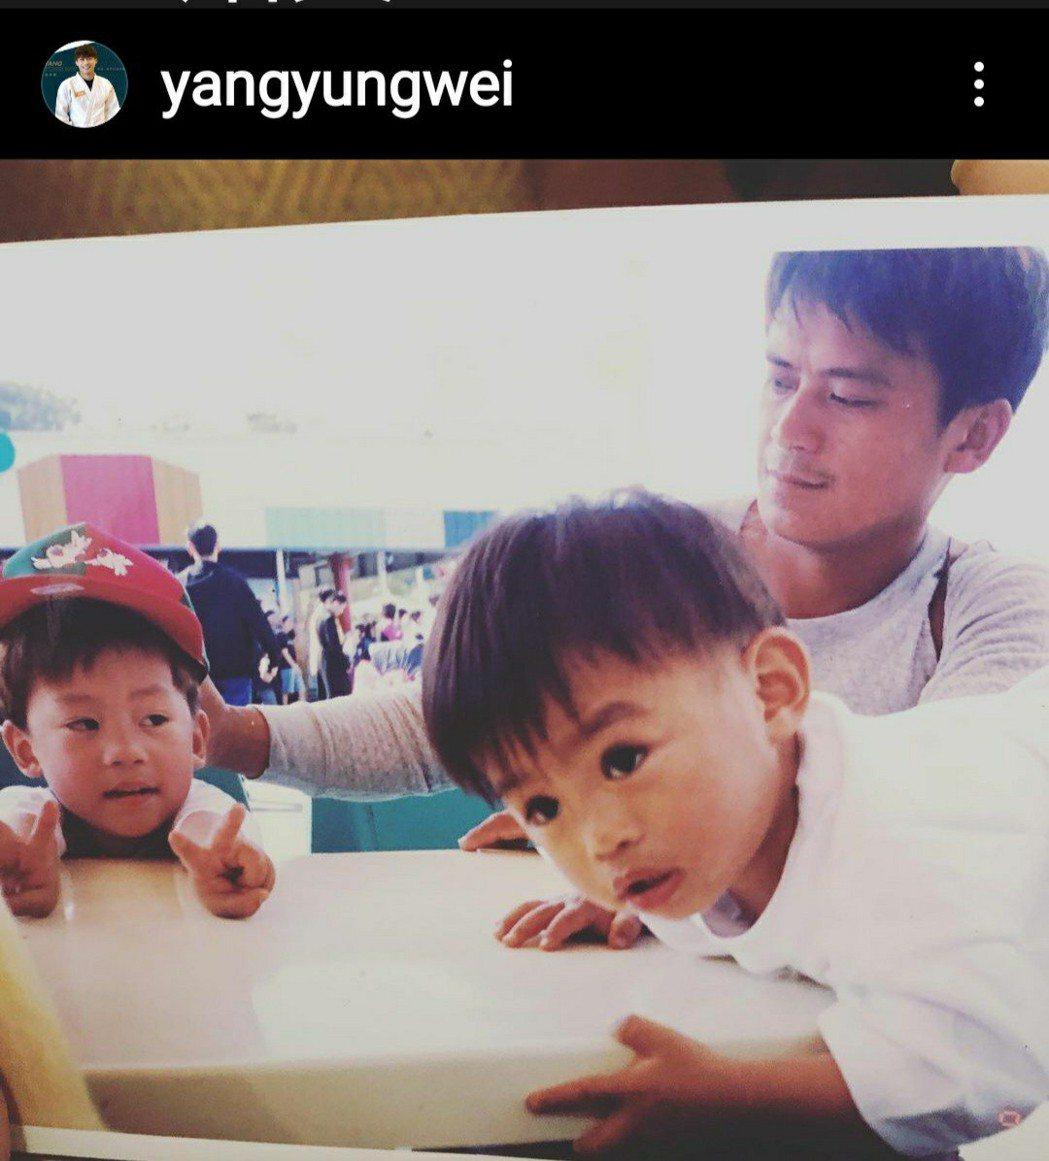 奧運柔道銀牌的楊勇緯成知名人物,他父親也被網友說,年輕時很像藝人柯叔元。圖/取自...